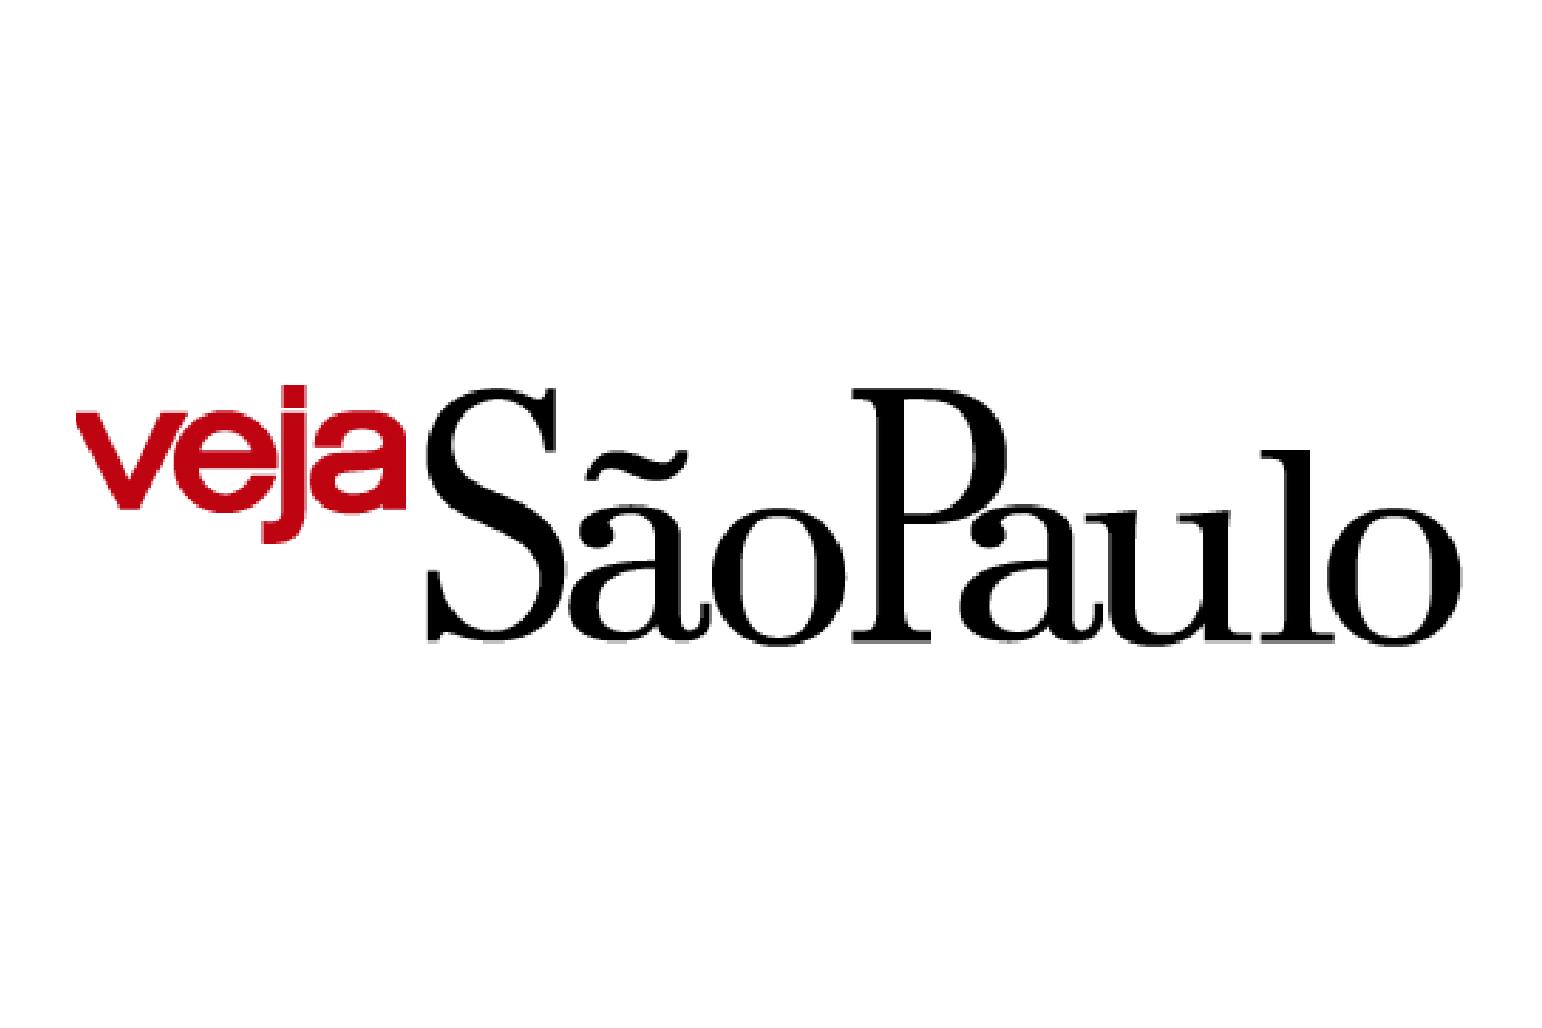 Logos_VEJA SP.png